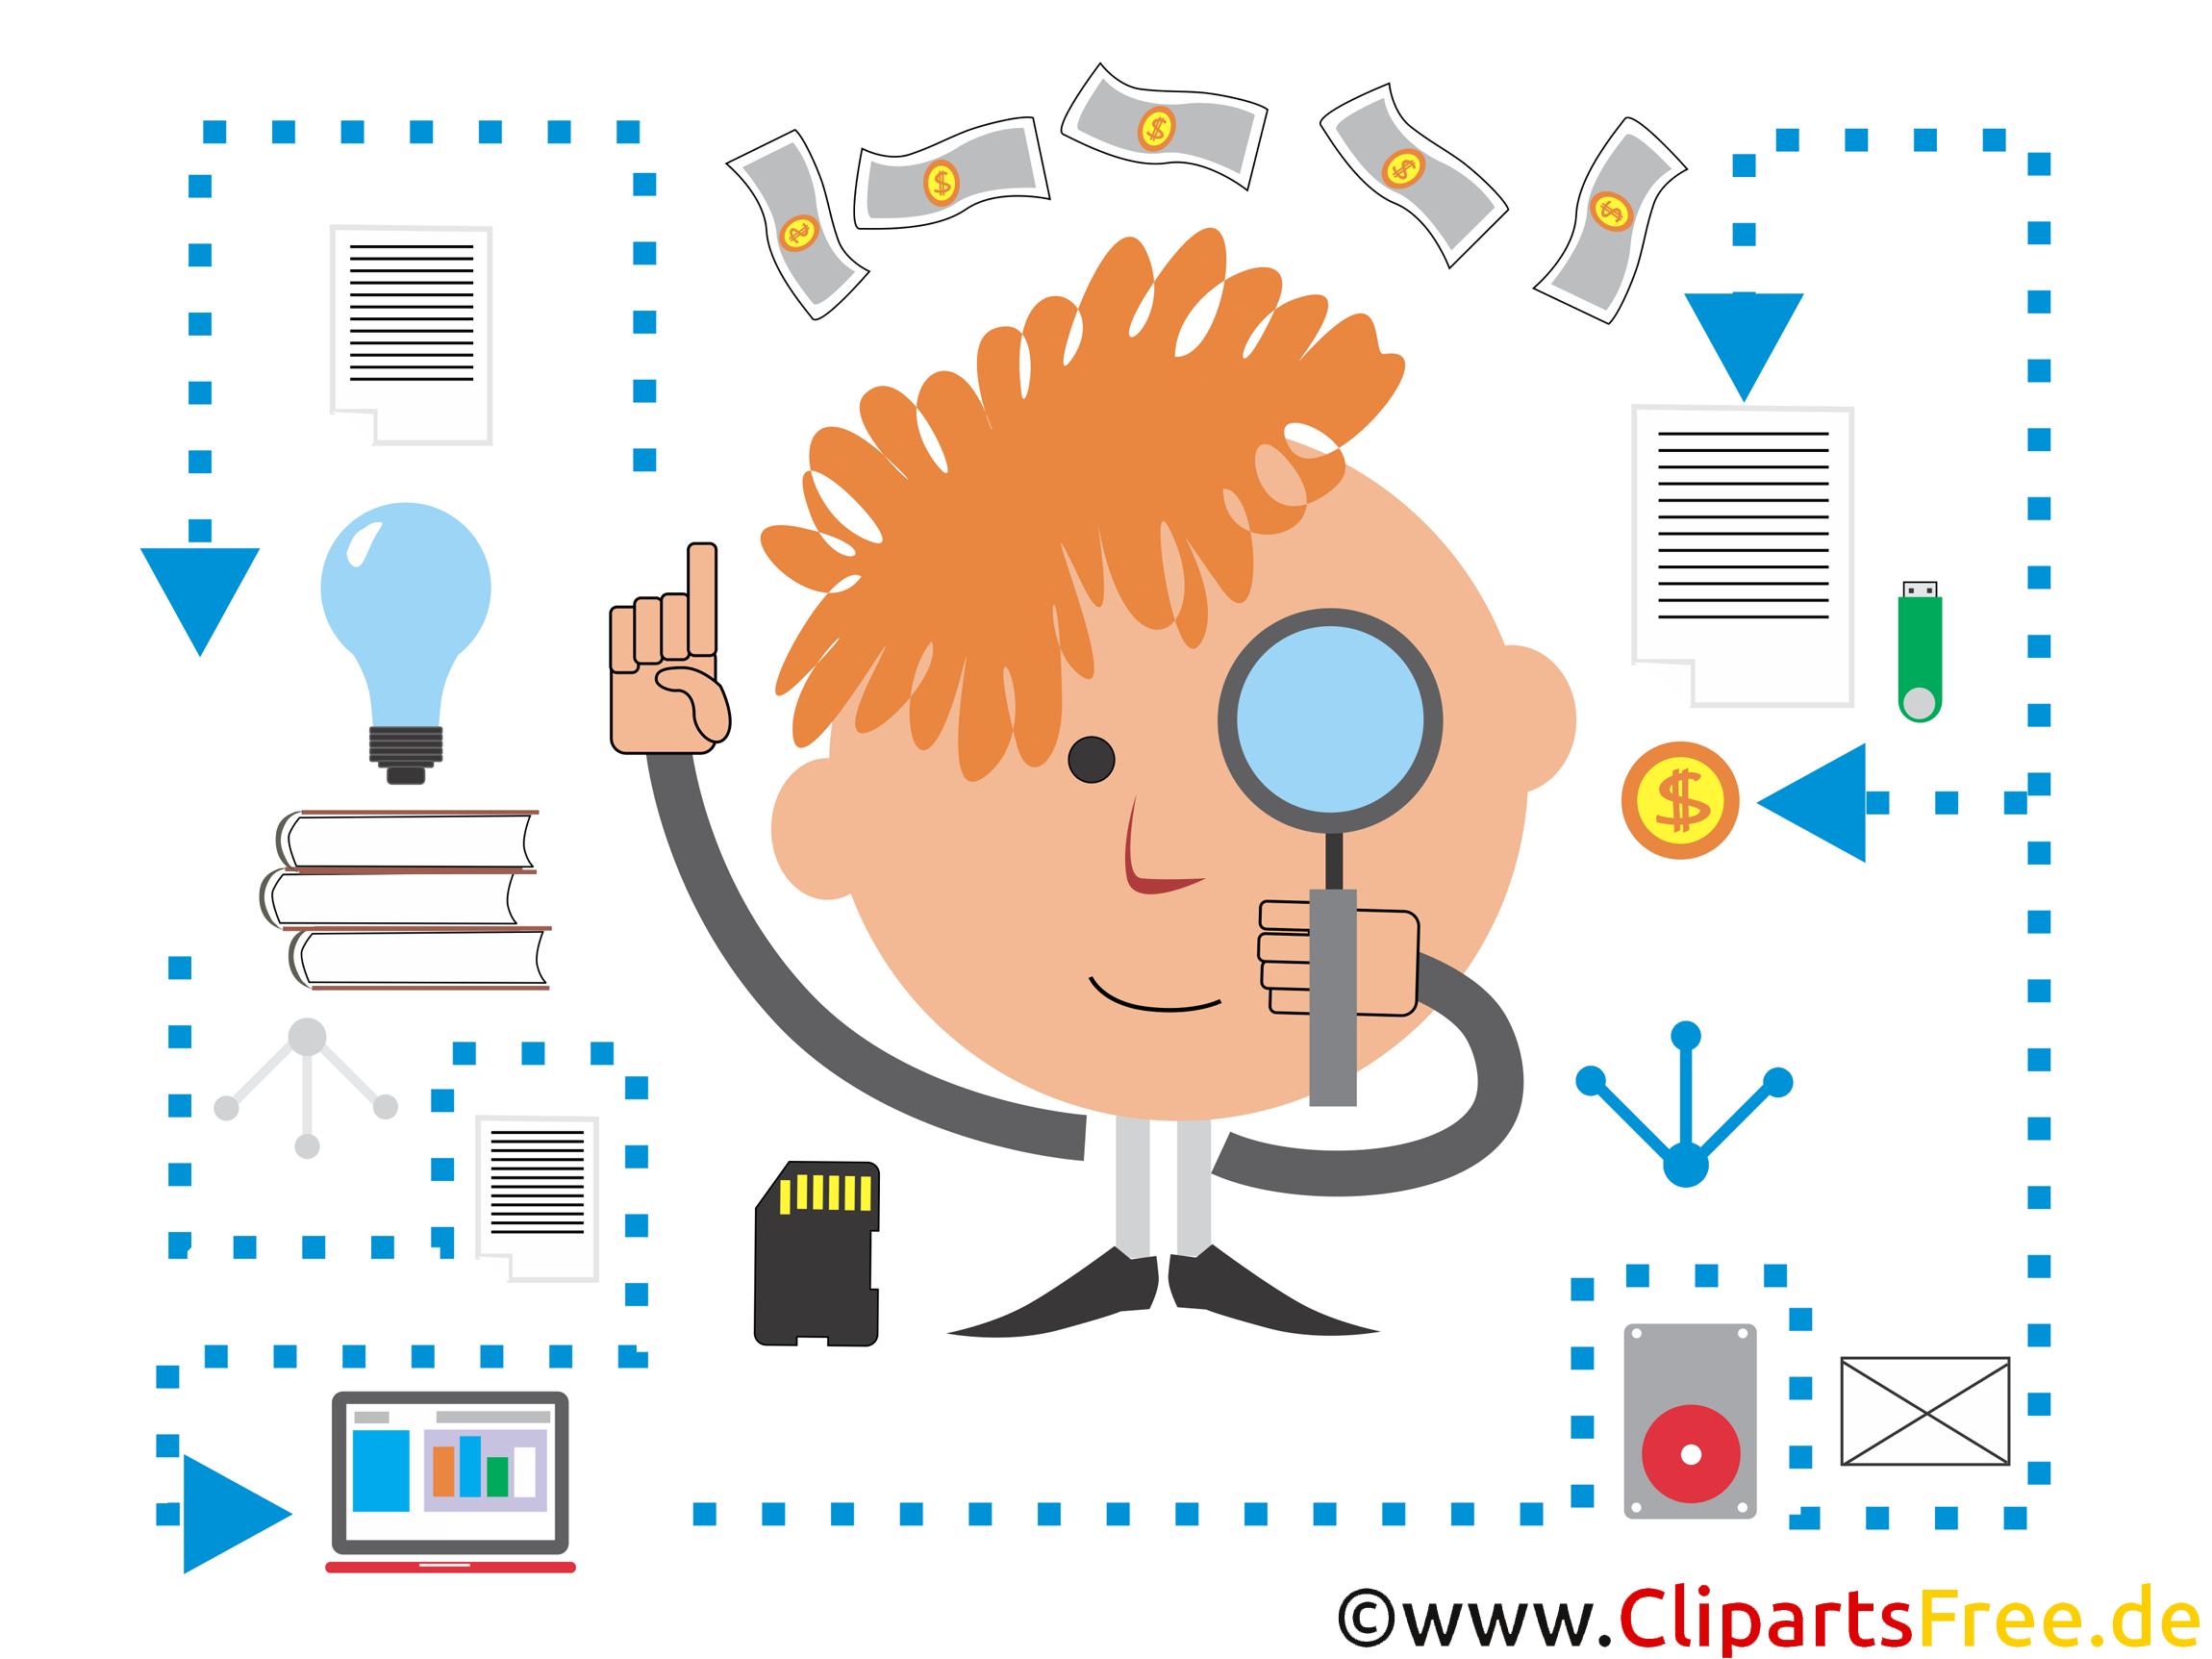 Clip Art Start-Up FinTech, Mobile App, Money Booking, Pay Service